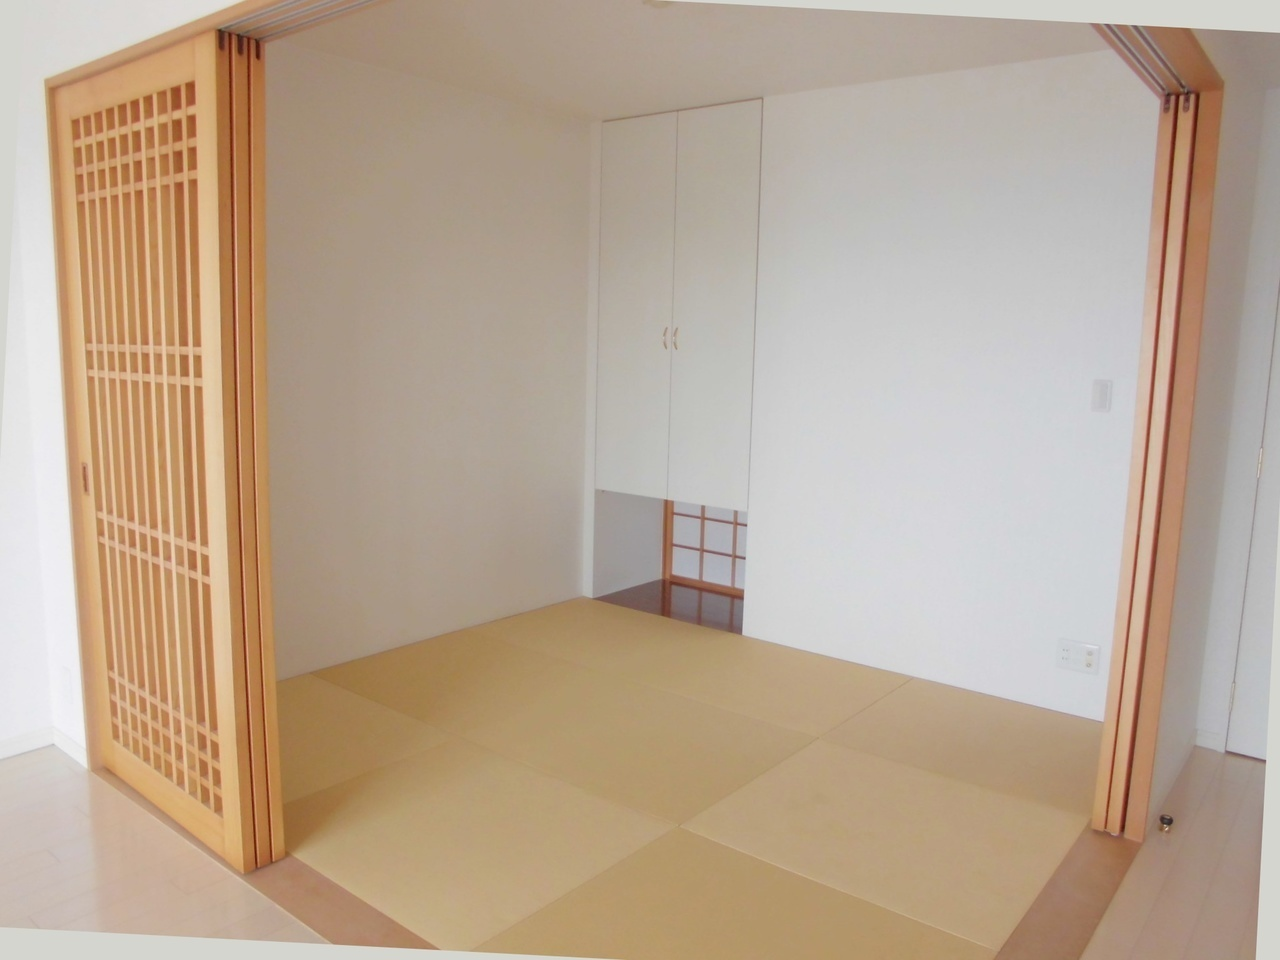 ゆったりと寛げる落ち着いた雰囲気の和室です。